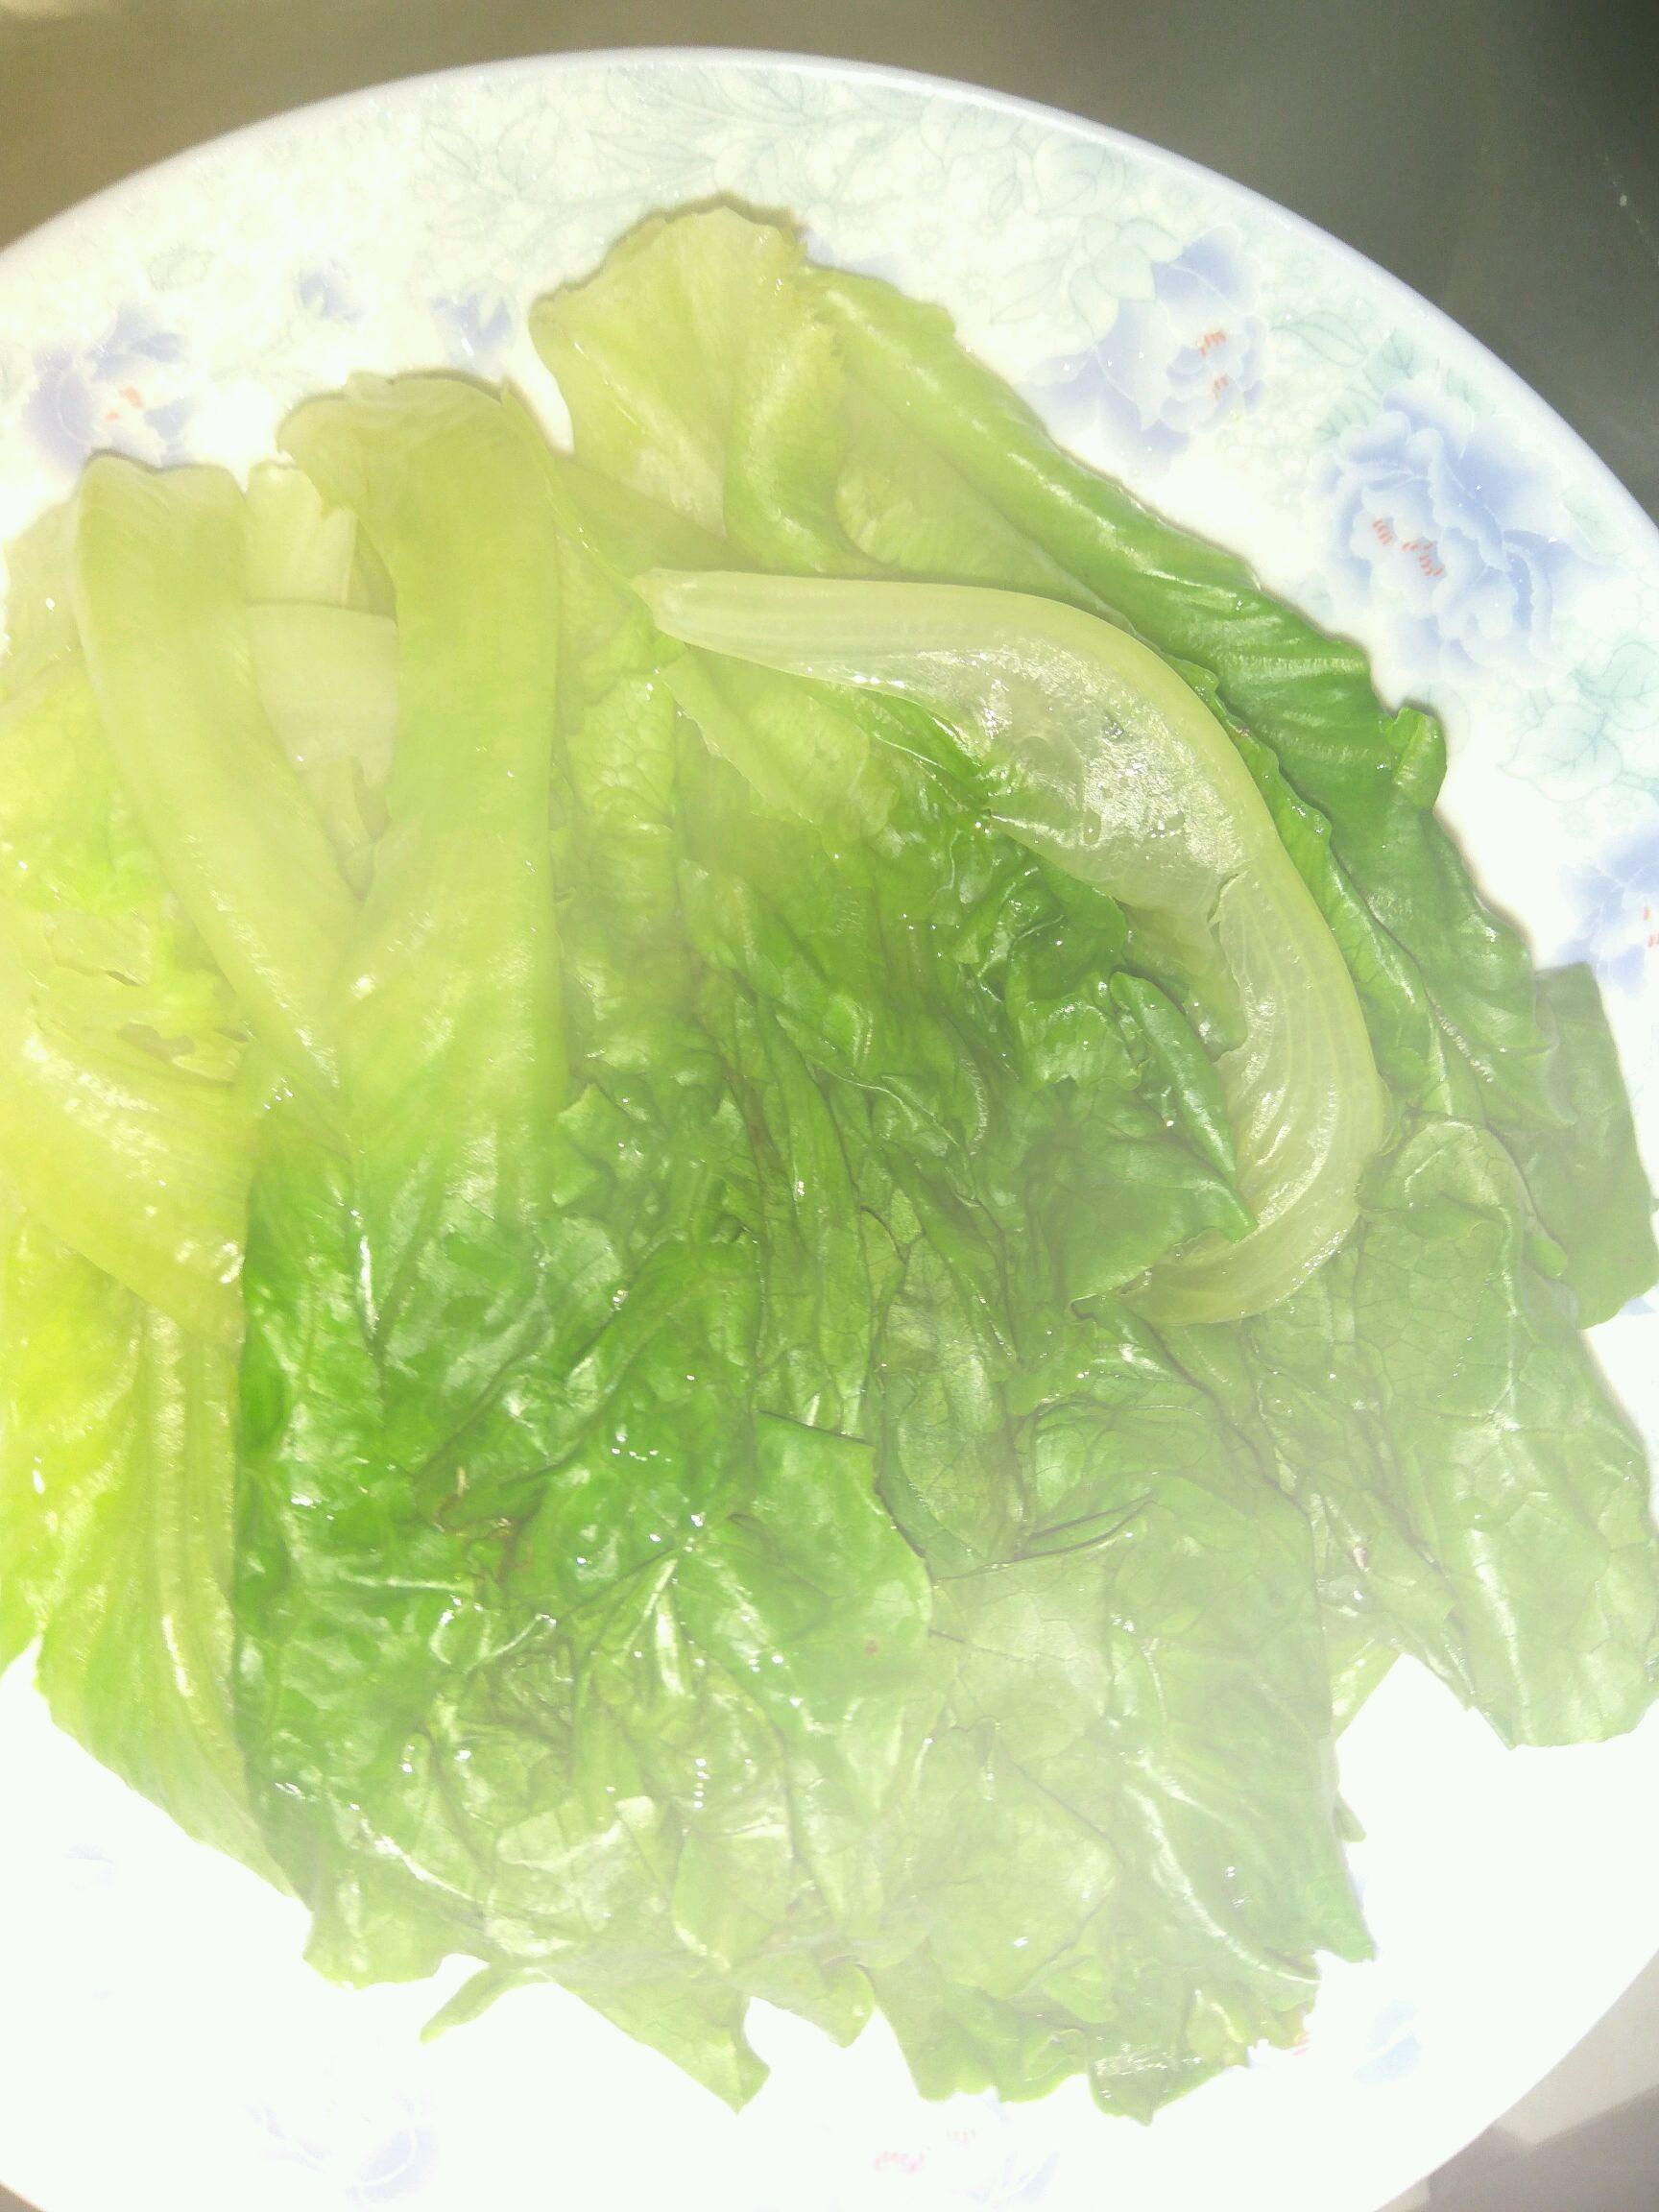 生菜盖浇虾的做法步骤